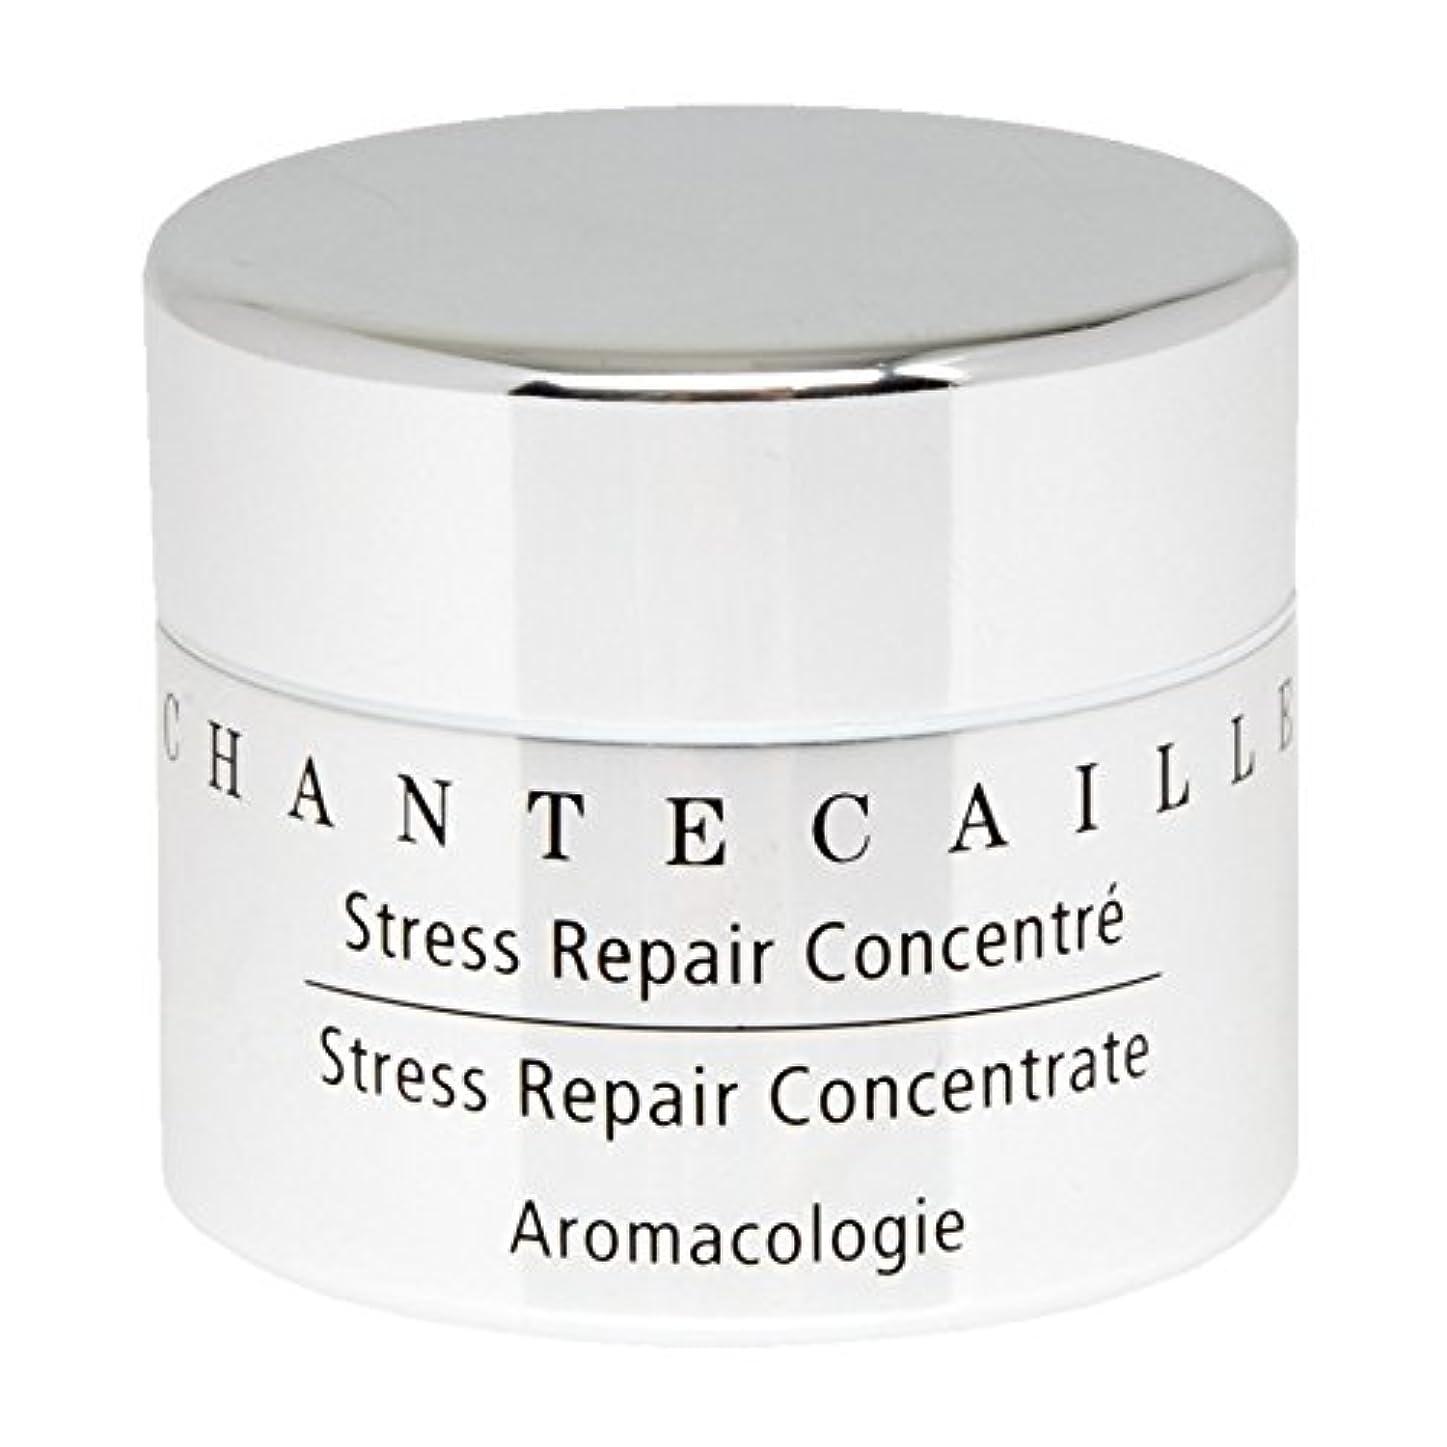 ブロックする文字更新するChantecaille Stress Repair Concentrate 15ml - シャンテカイユストレス修復濃縮15ミリリットル [並行輸入品]